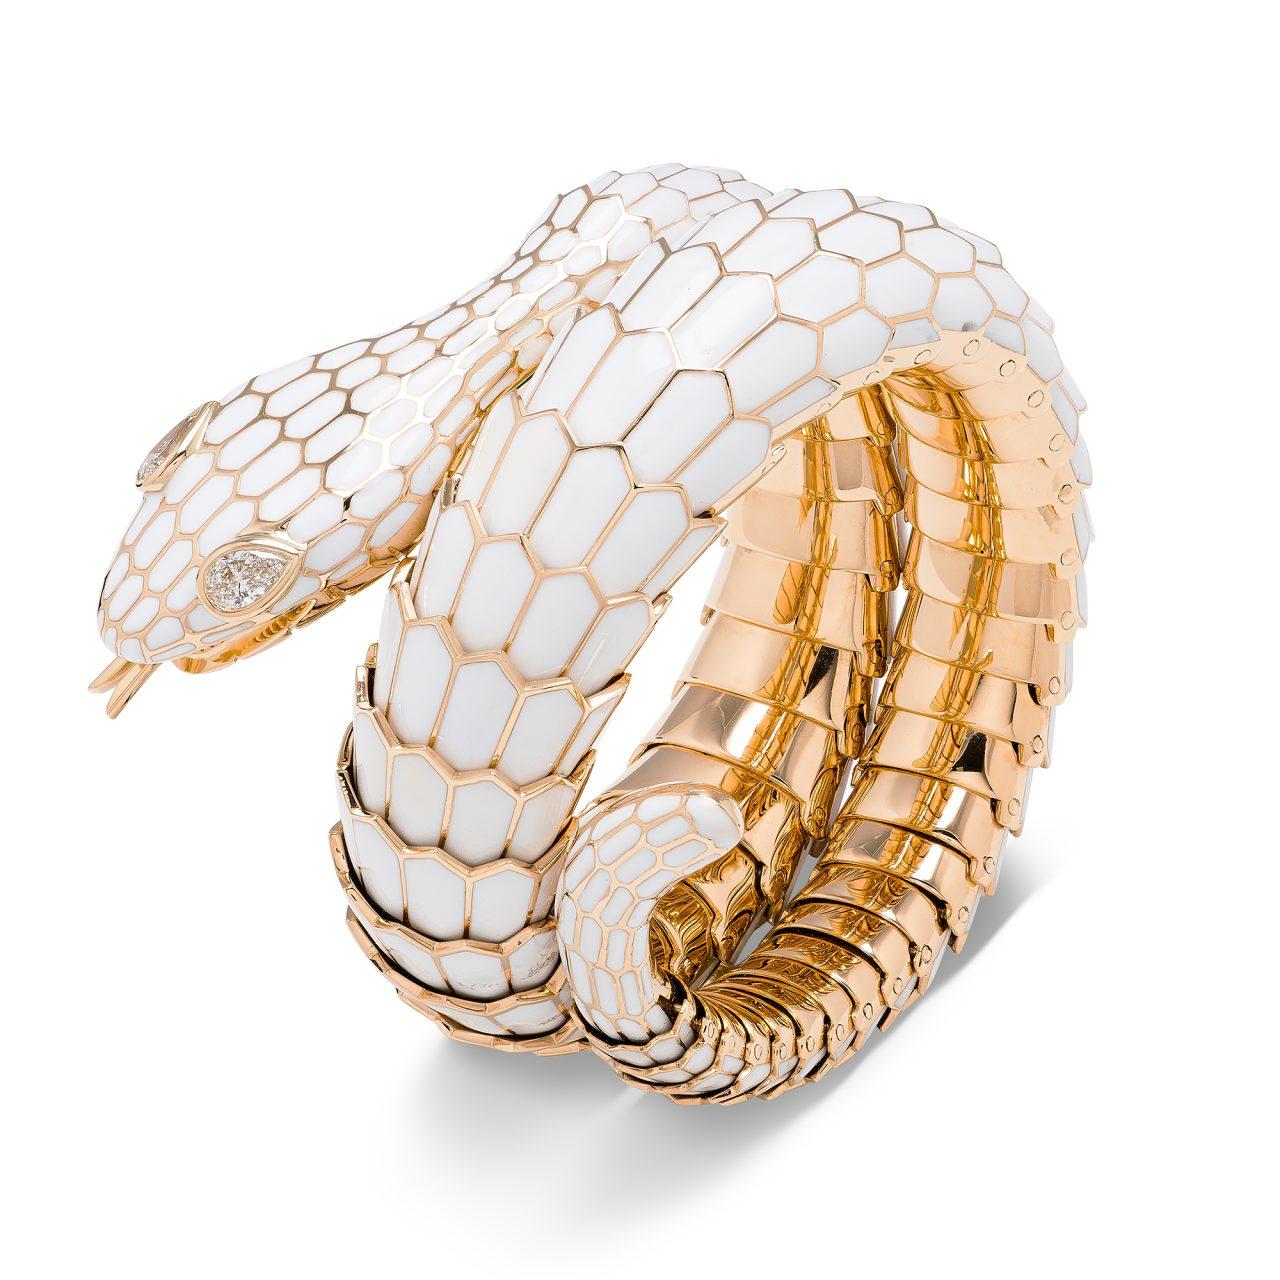 Bracciale Serpente in oro giallo 18k Smaltato bianco con diamanti